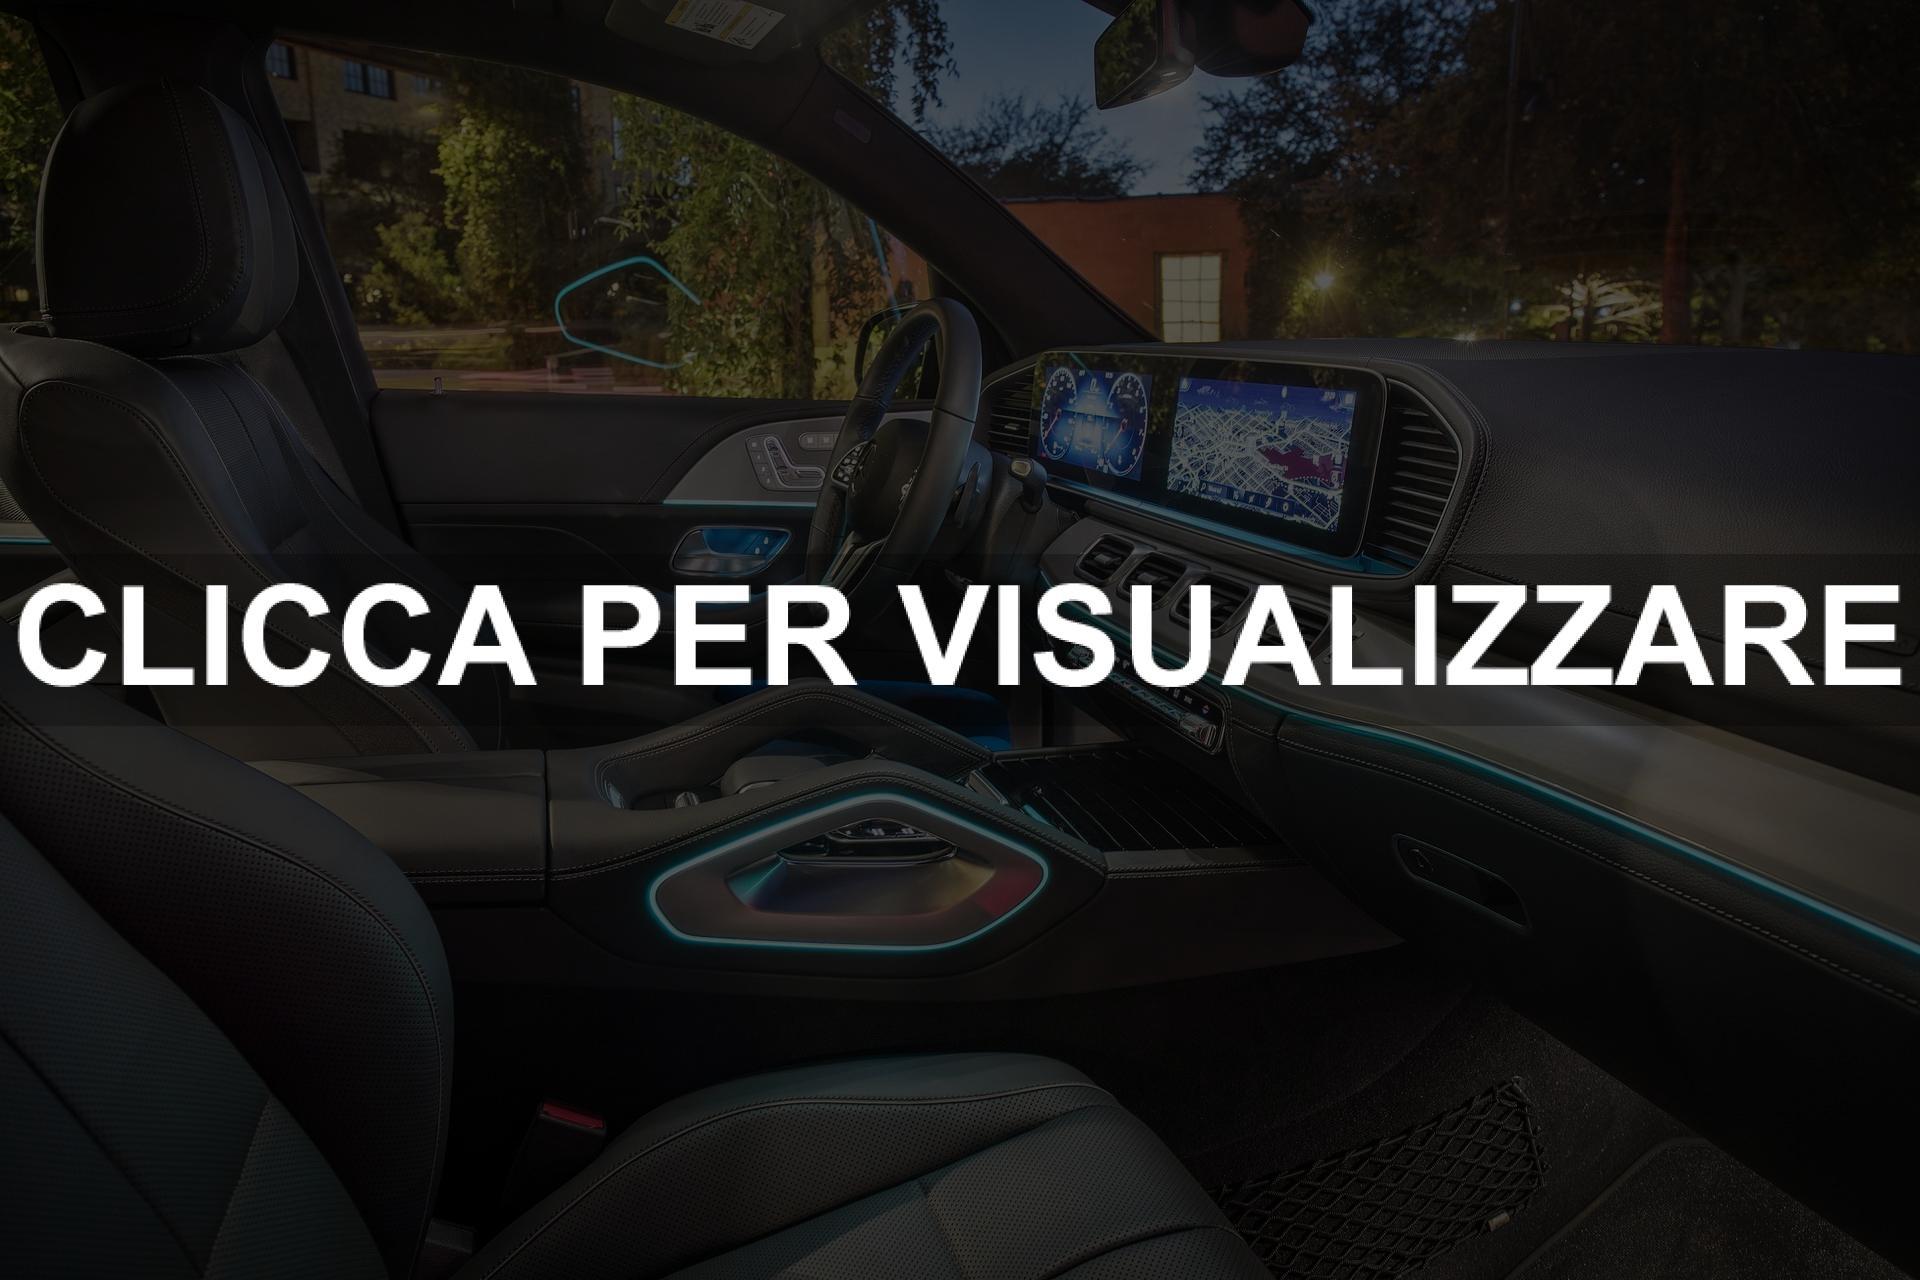 Immagine interni nuova Mercedes GLE 2019